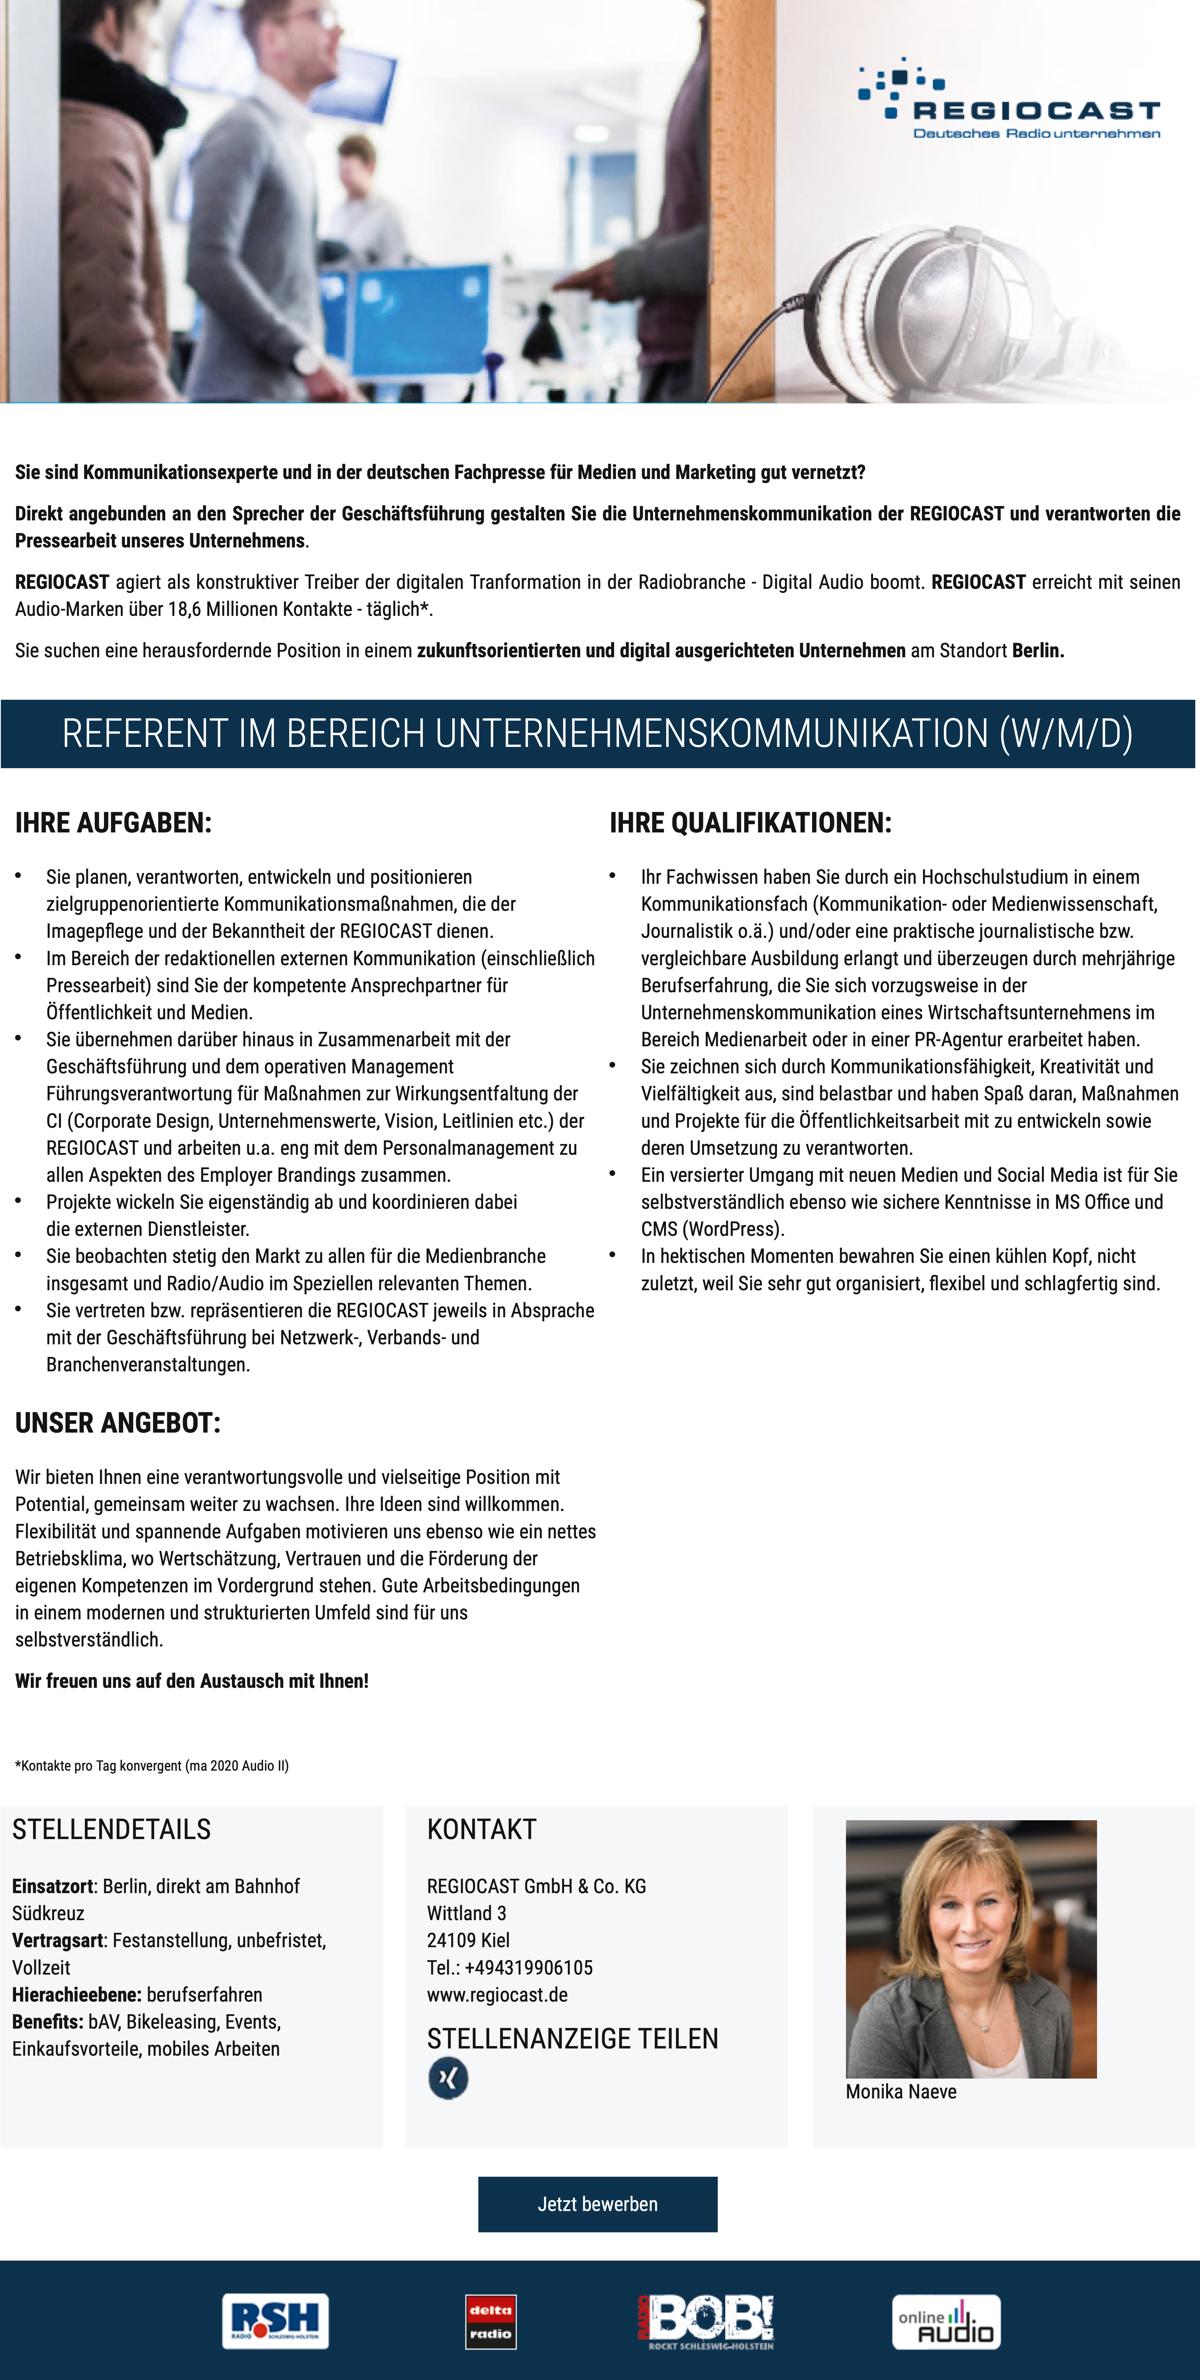 REGIOCAST sucht Referent im Bereich Unternehmenskommunikation (w/m/d)